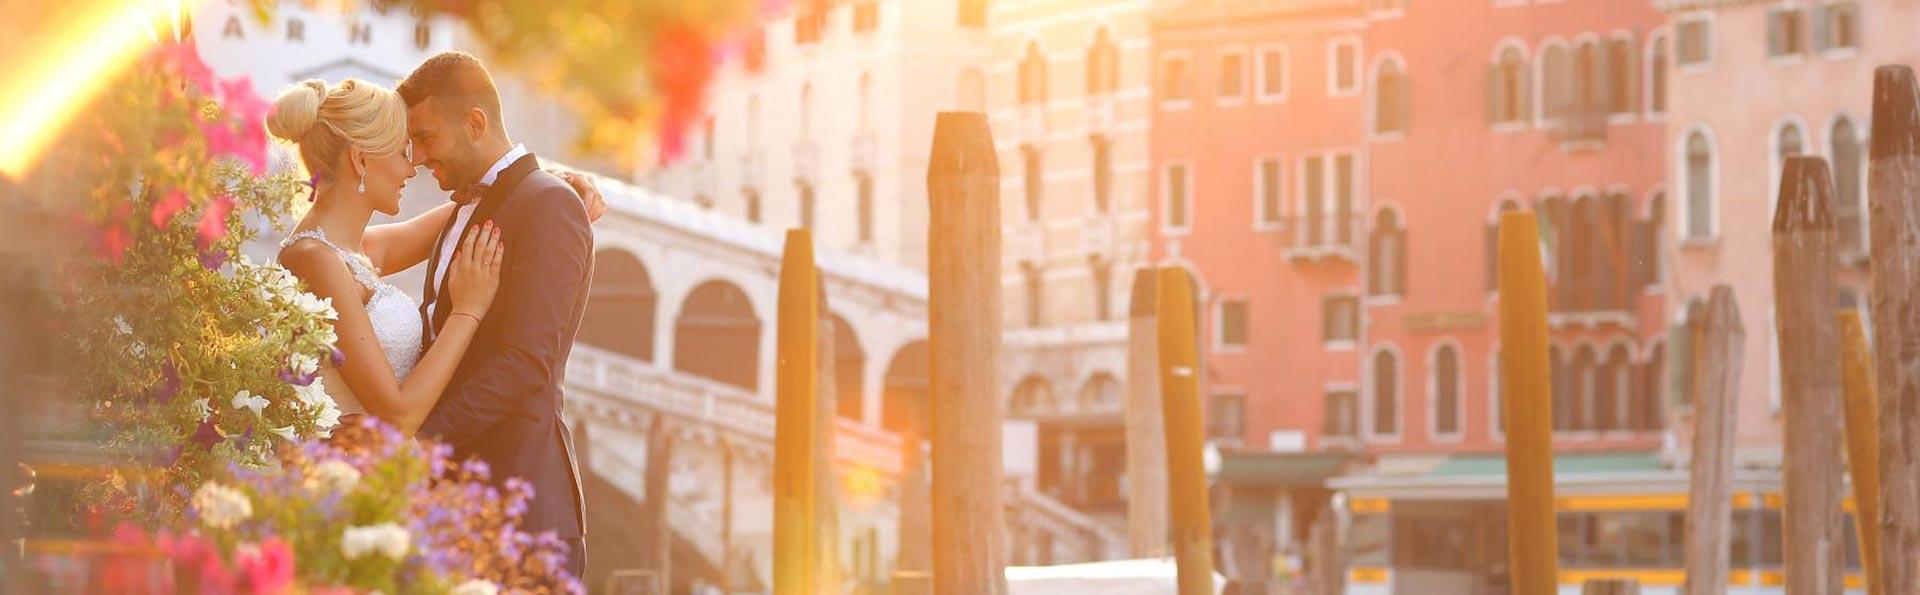 matrimoni per stranieri in italia